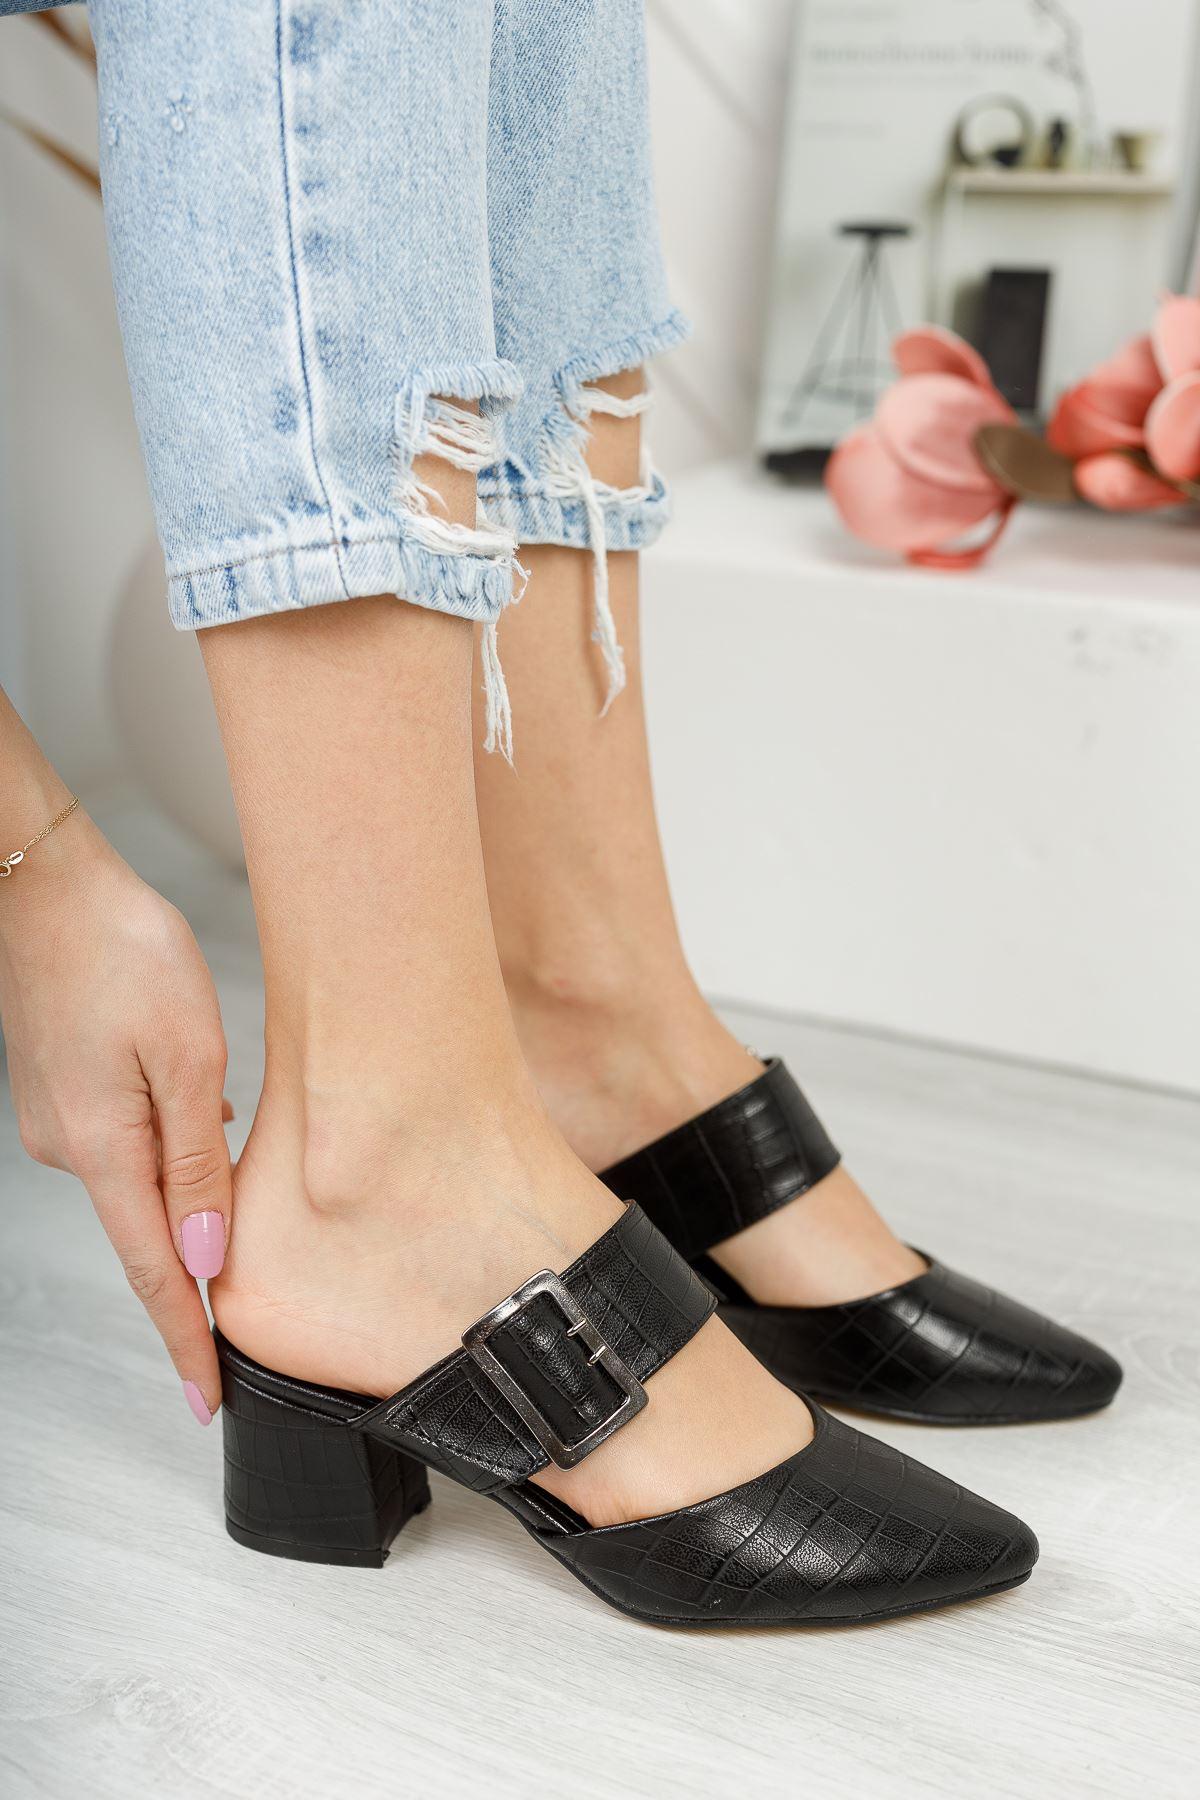 Finik Lüks Tokalı Siyah Yüksek Topuk Kadın Terlik